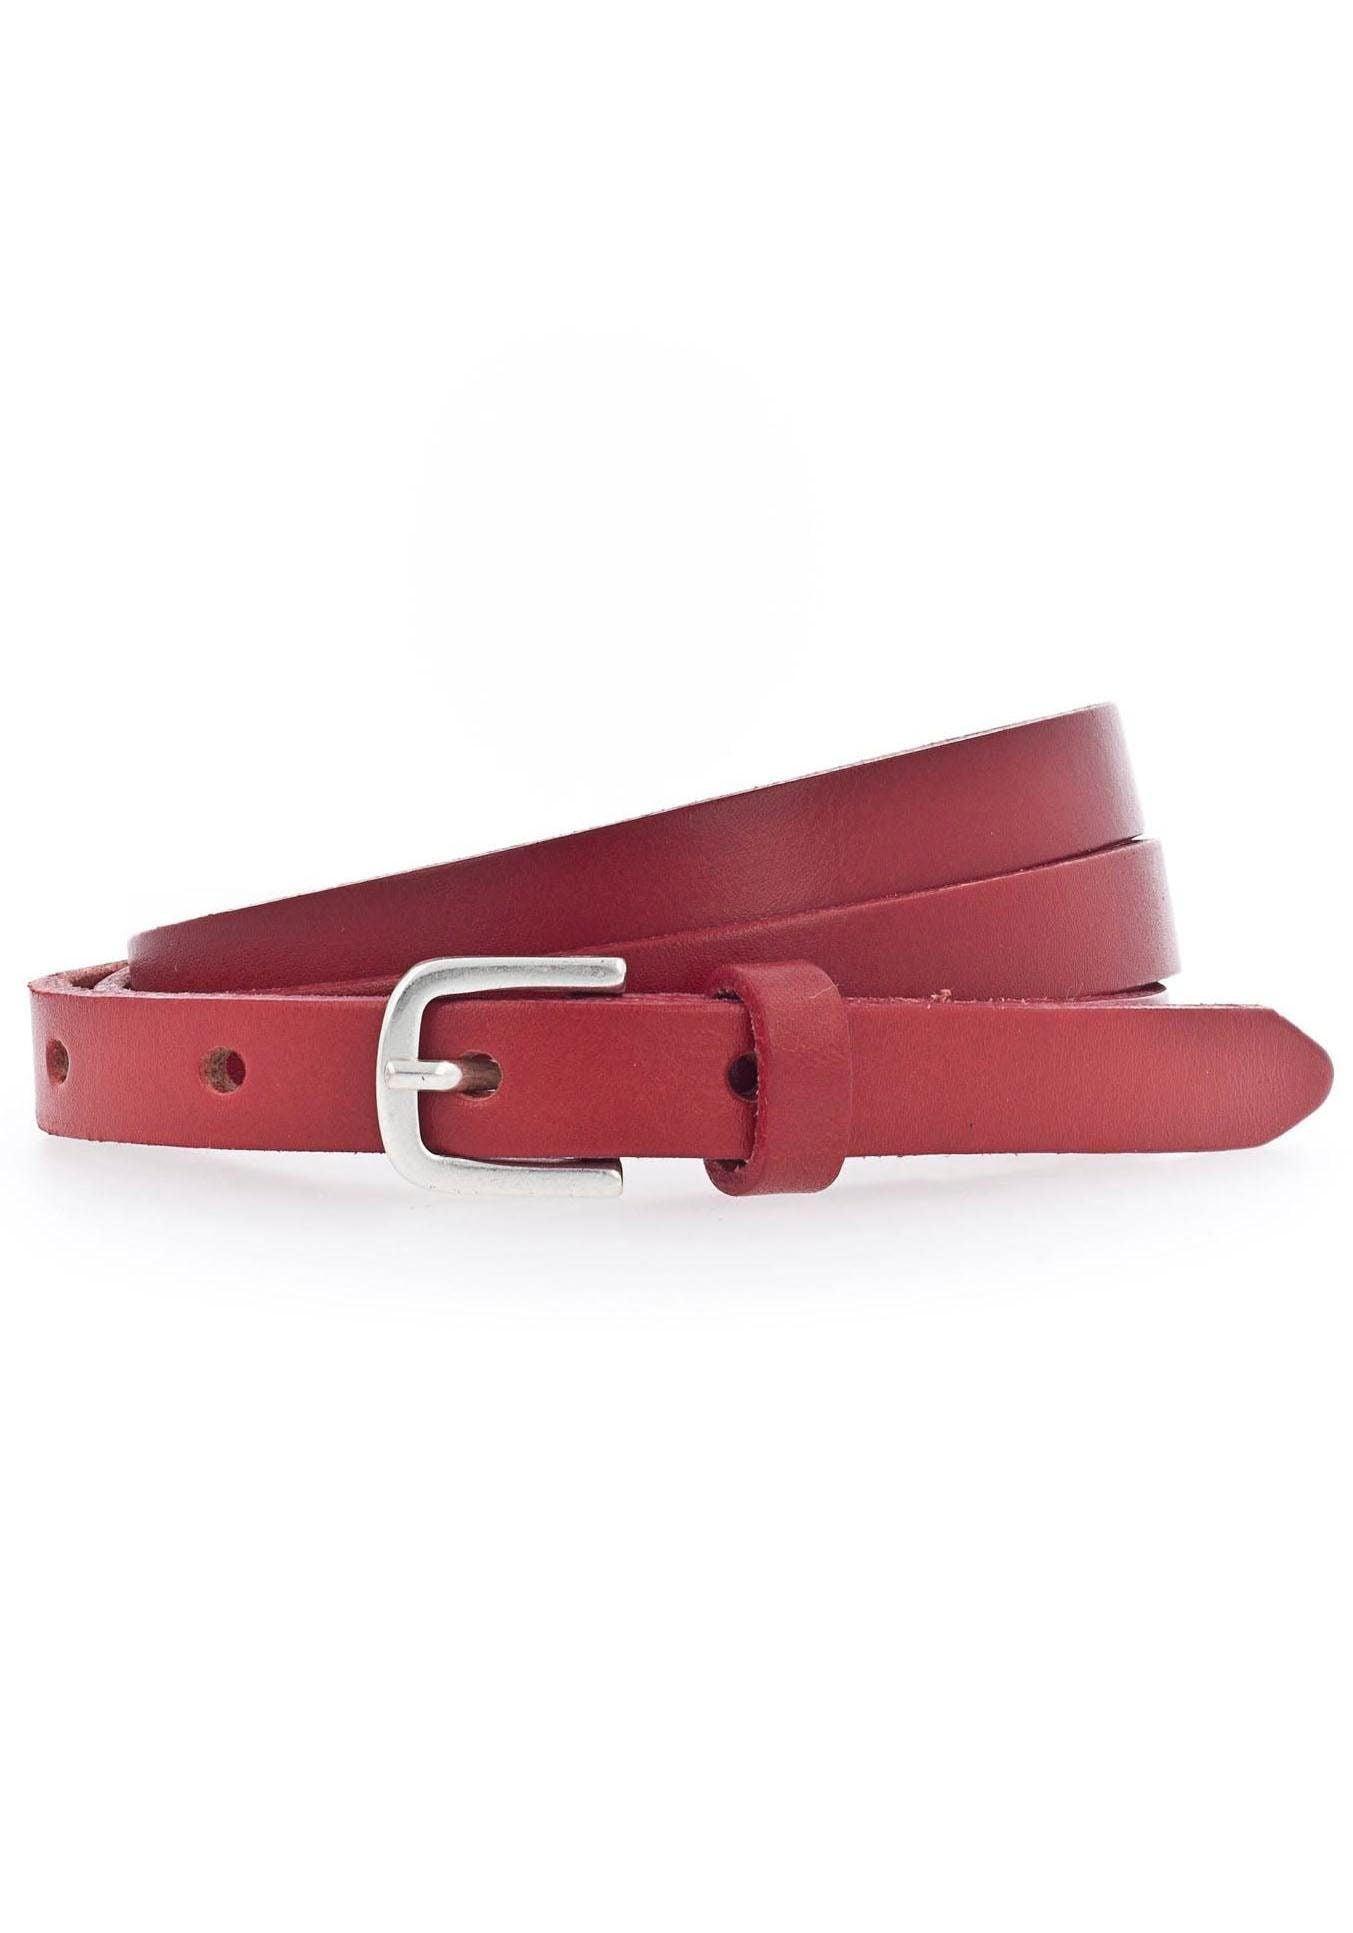 Vanzetti Ledergürtel, Überlänge, lässige Spitze zum Knoten rot Damen Ledergürtel Gürtel Accessoires